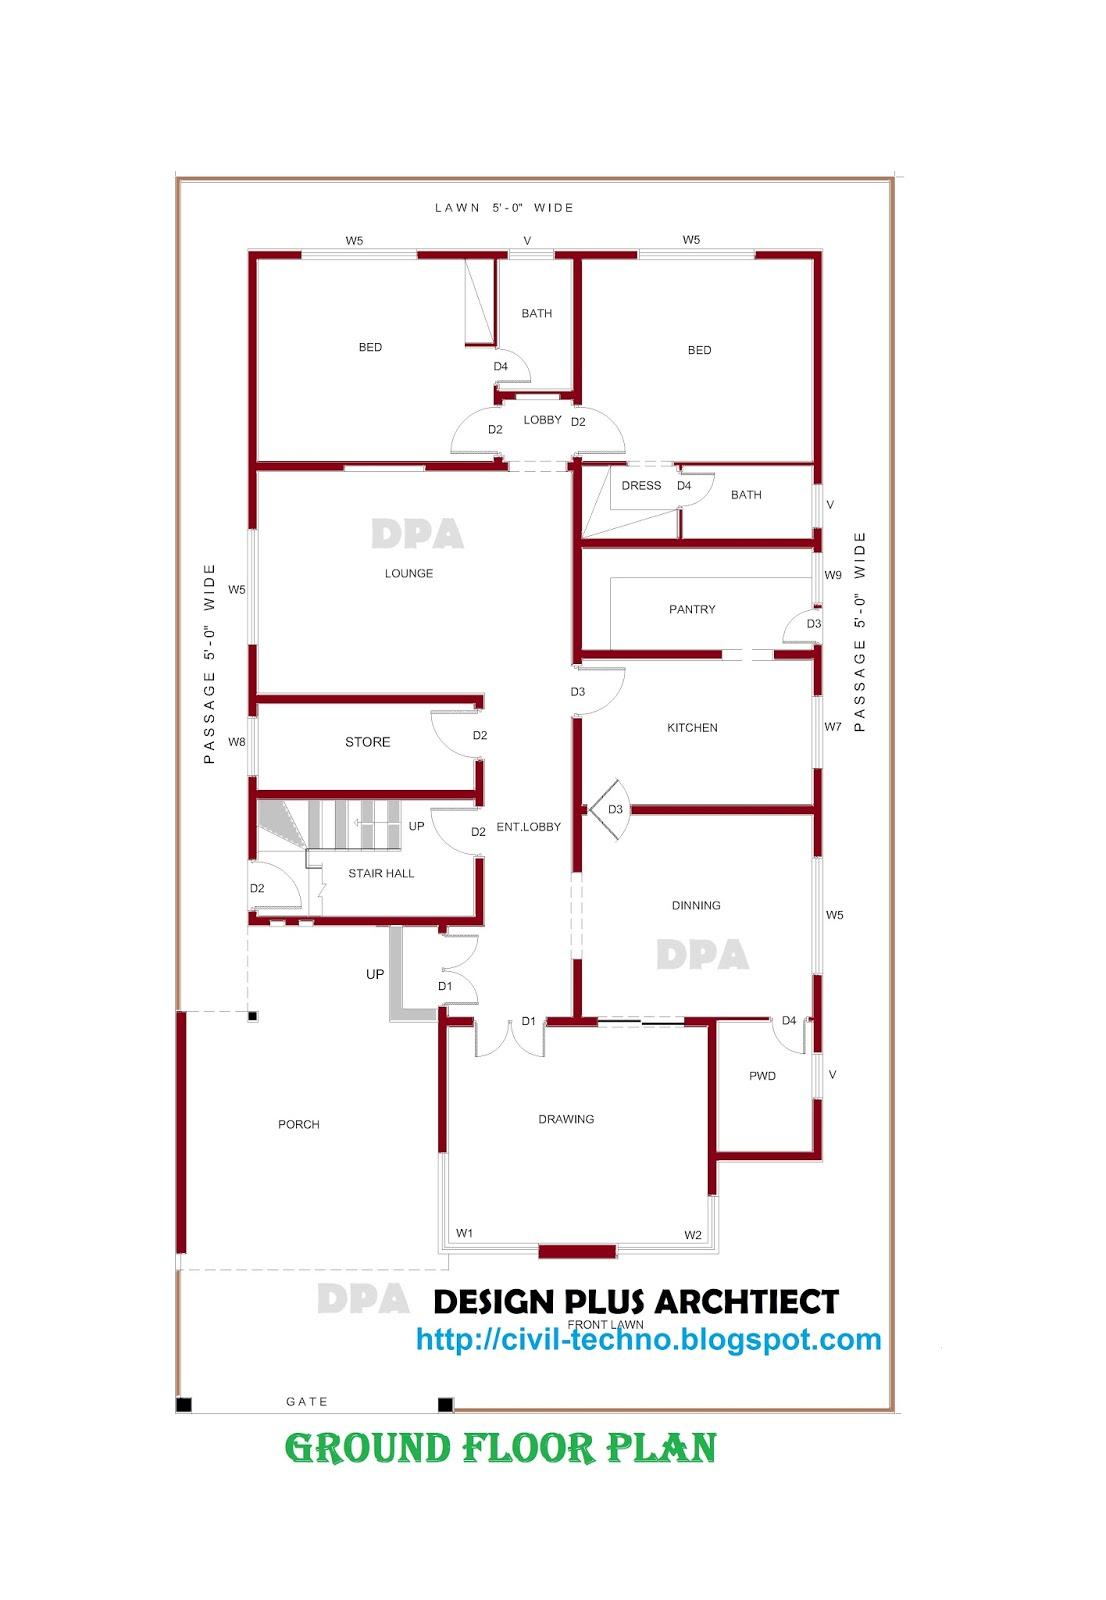 home plans pakistan home decor architect designer architecture homes architecture house plans